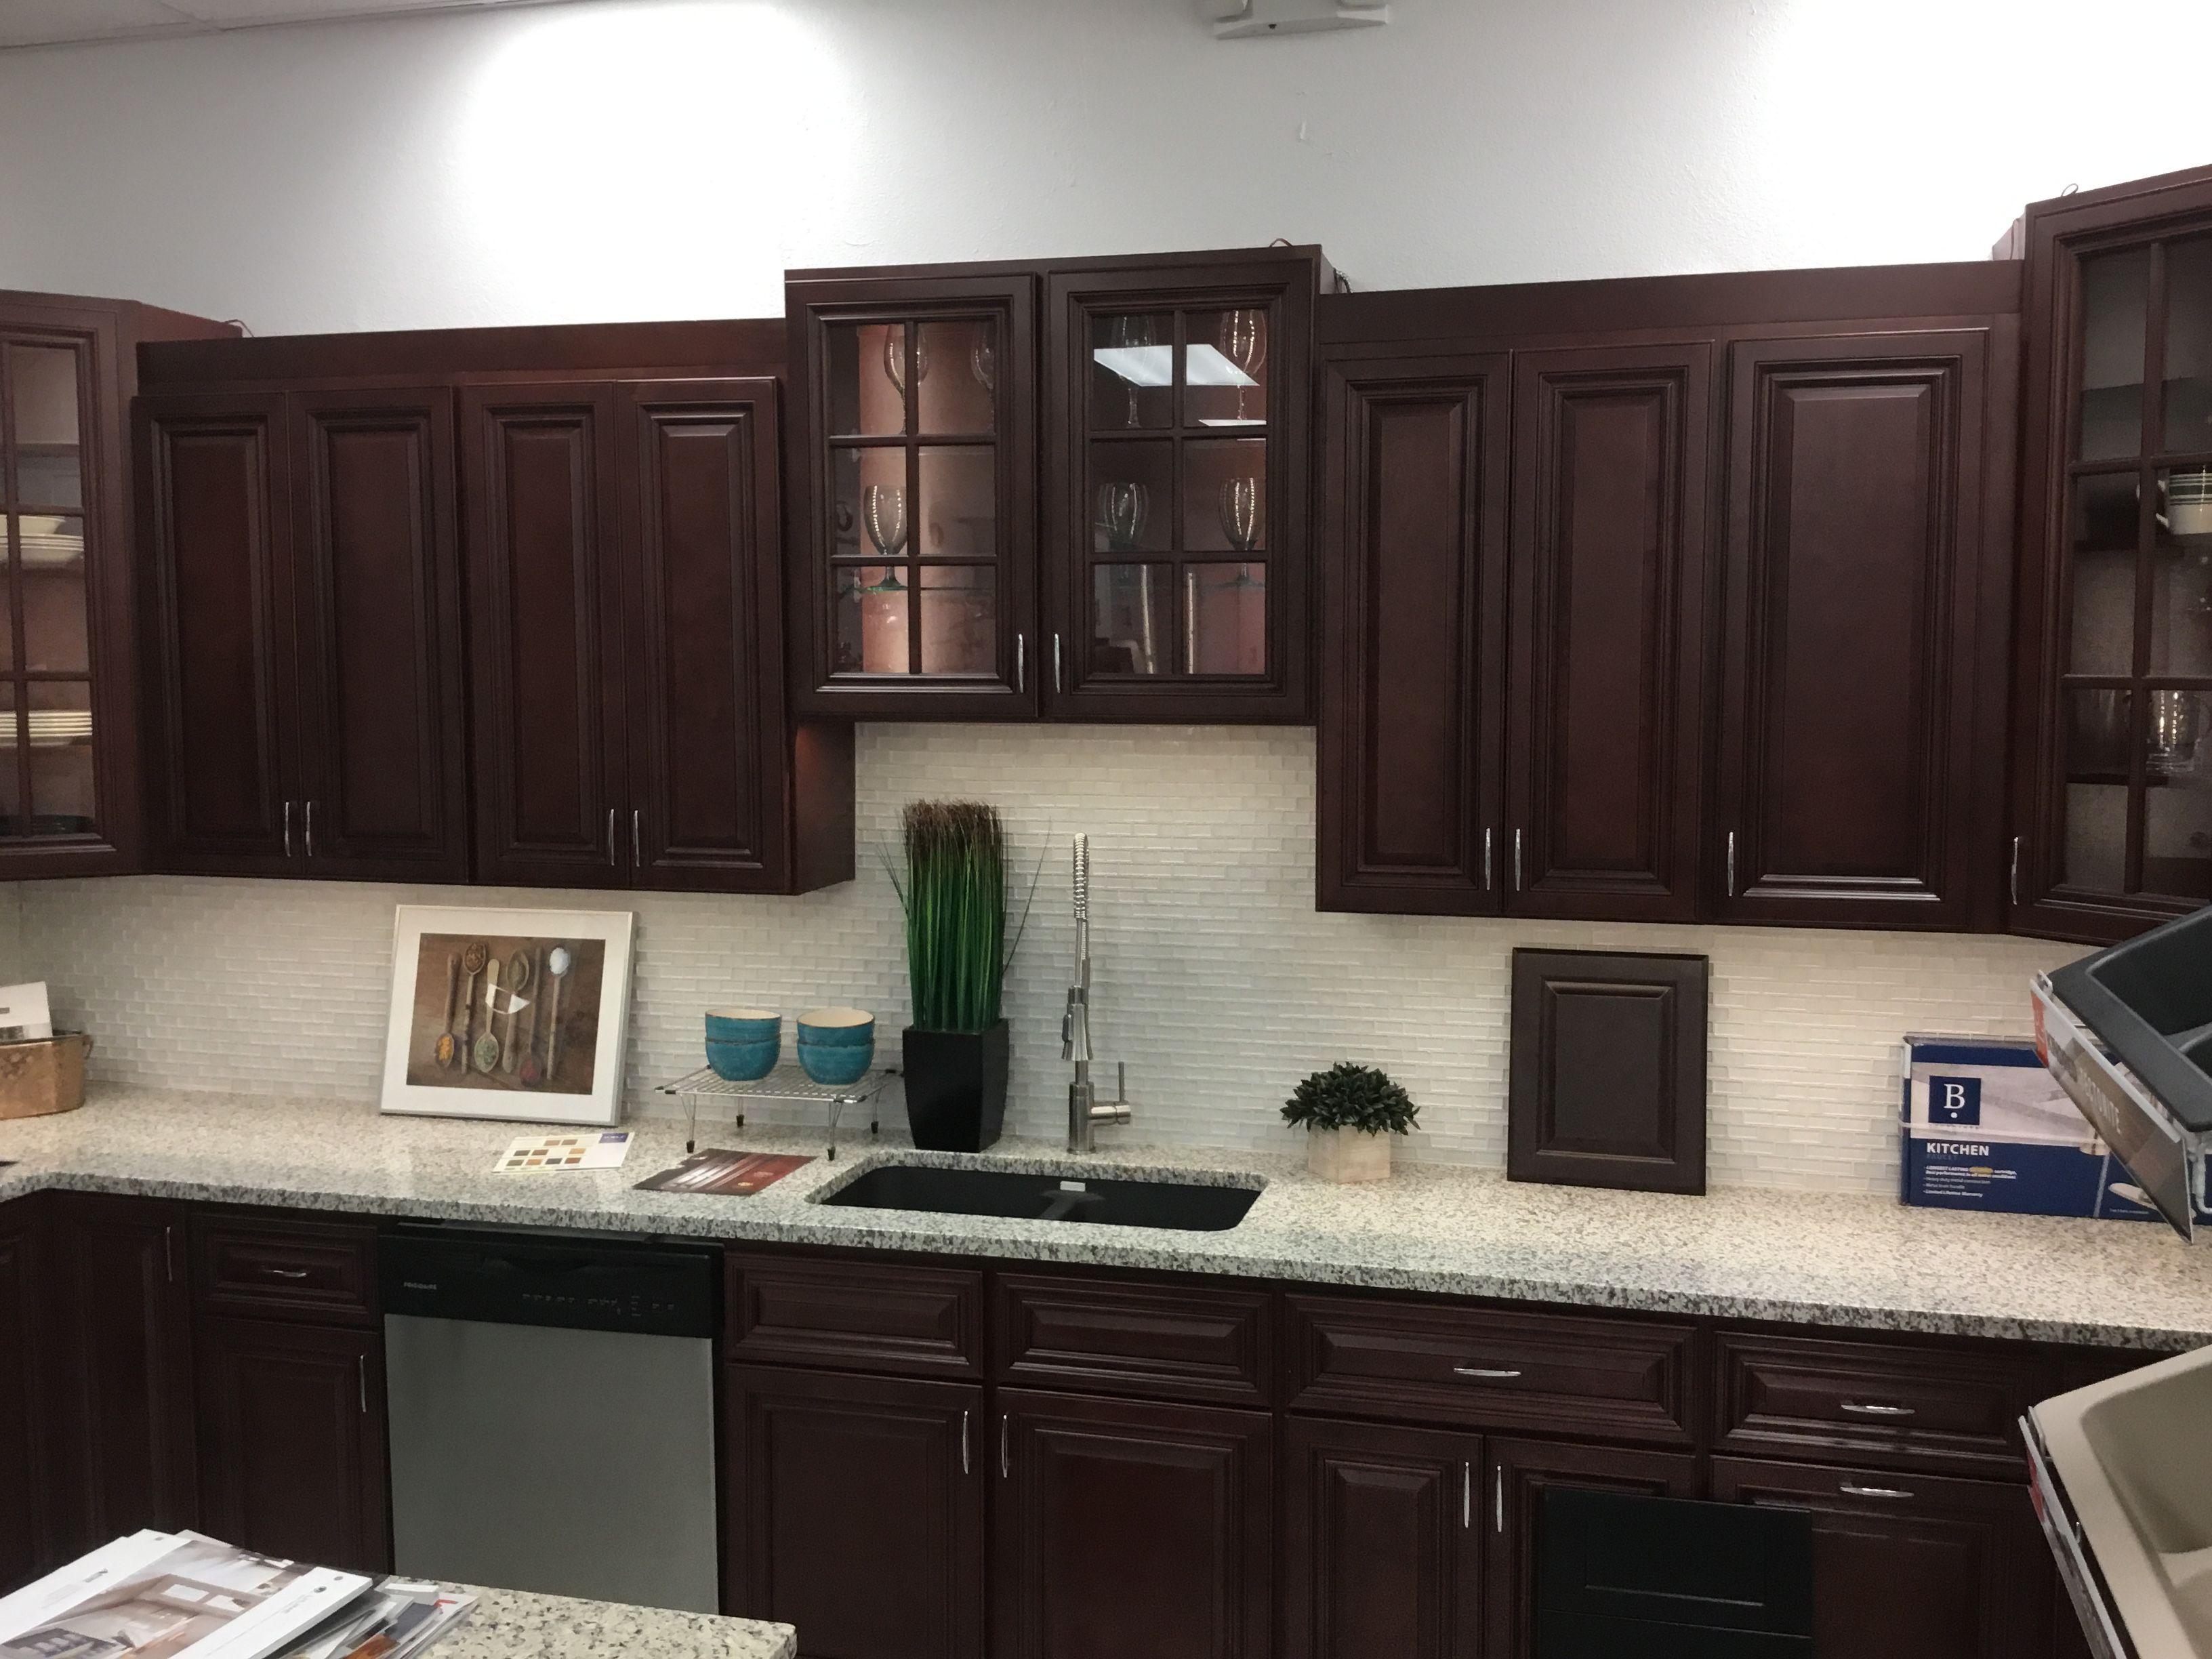 Lowest price kitchen cabinets orlando Visit Arteek